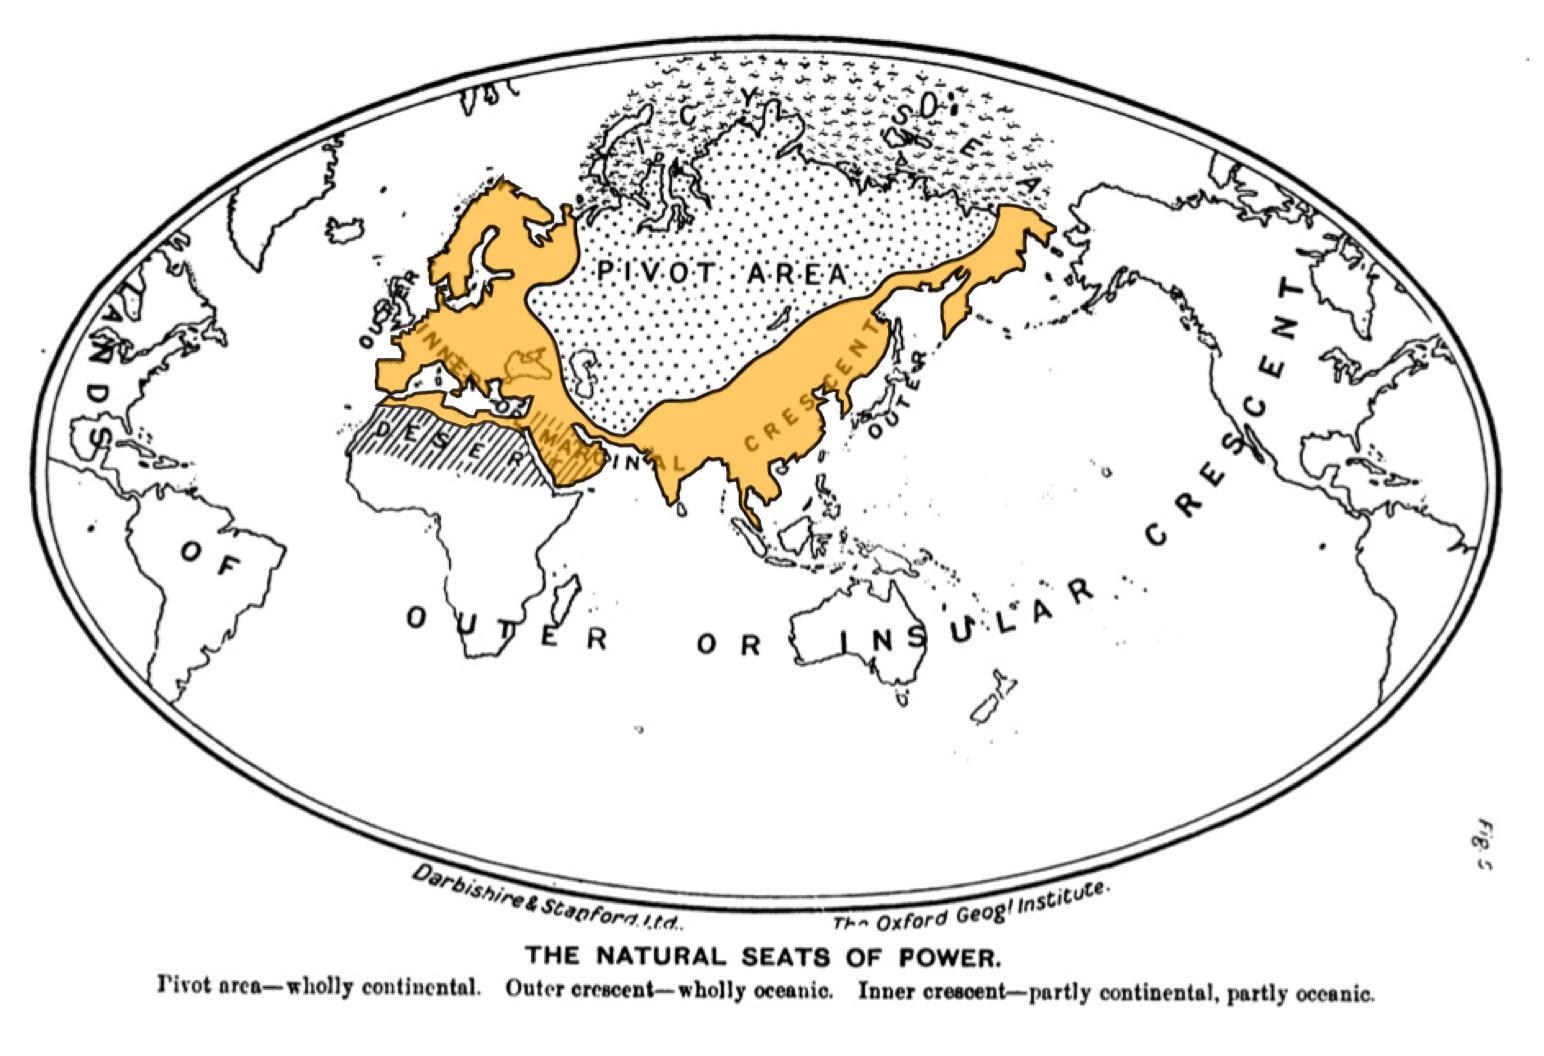 1904-inner-crescent